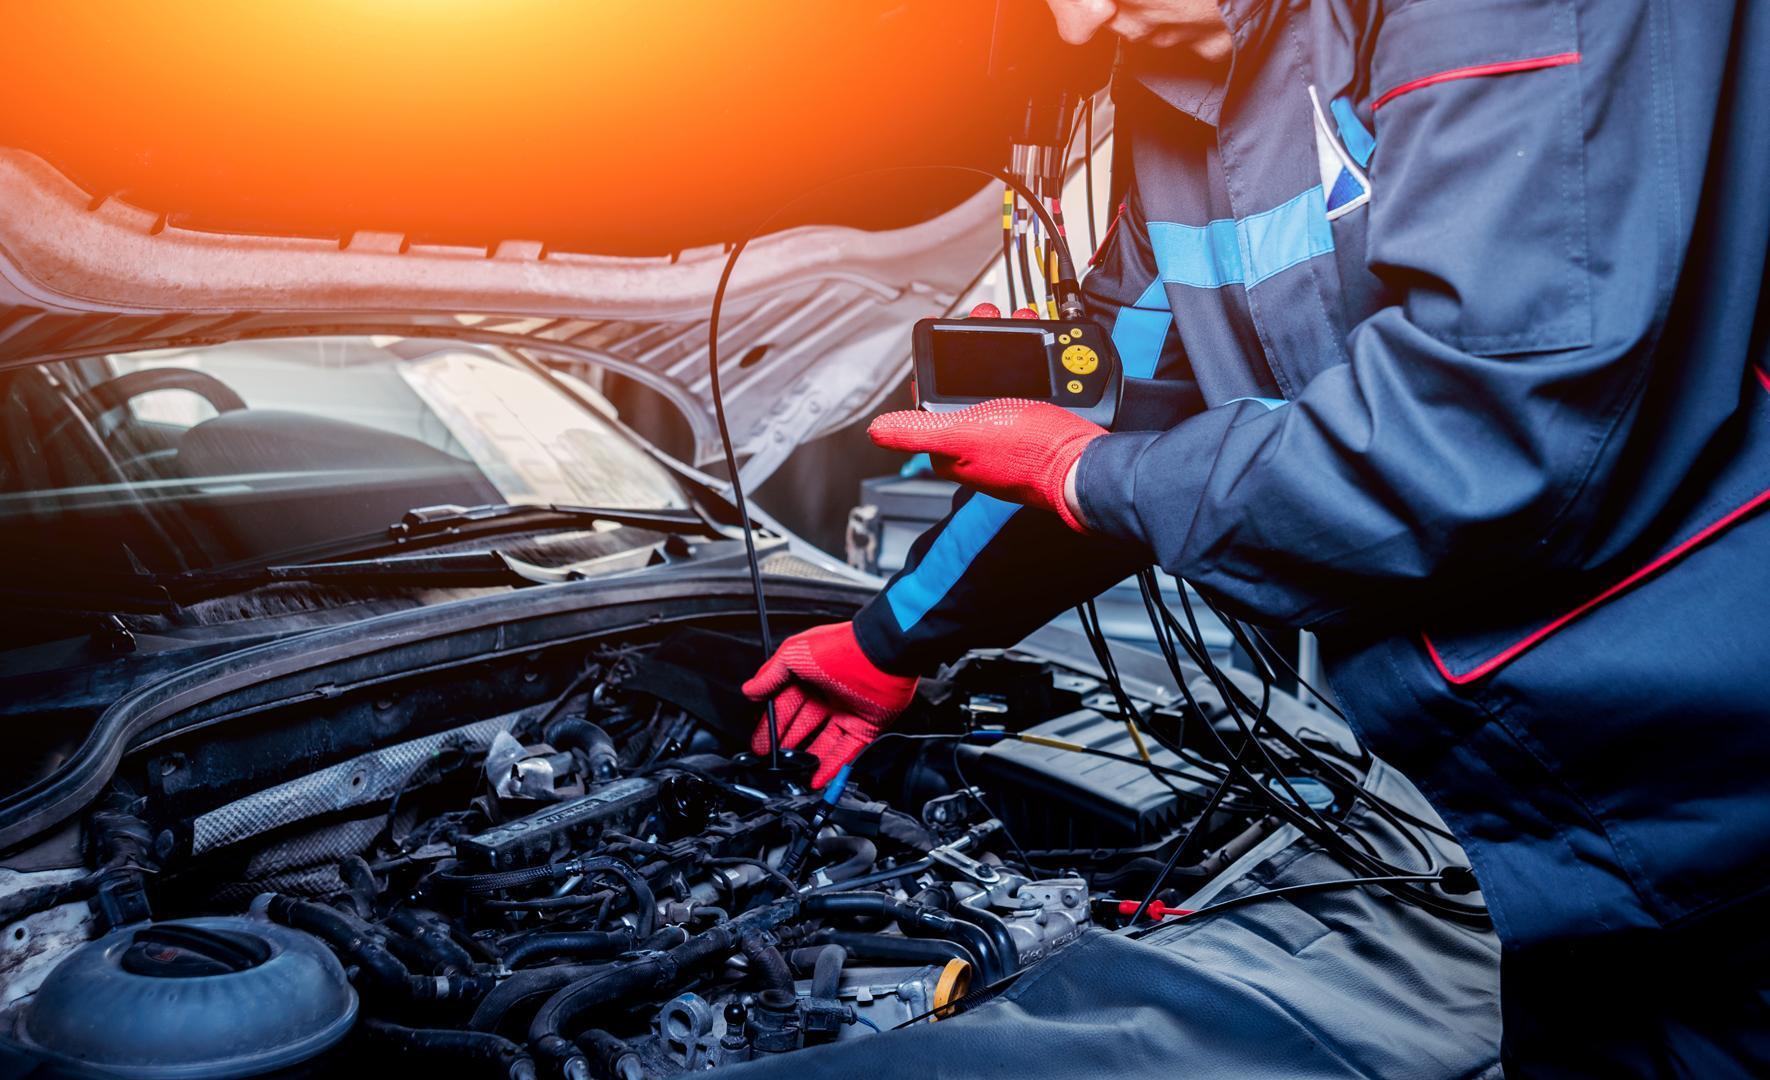 Автосервис - компьютерная диагностика и ремонт авто